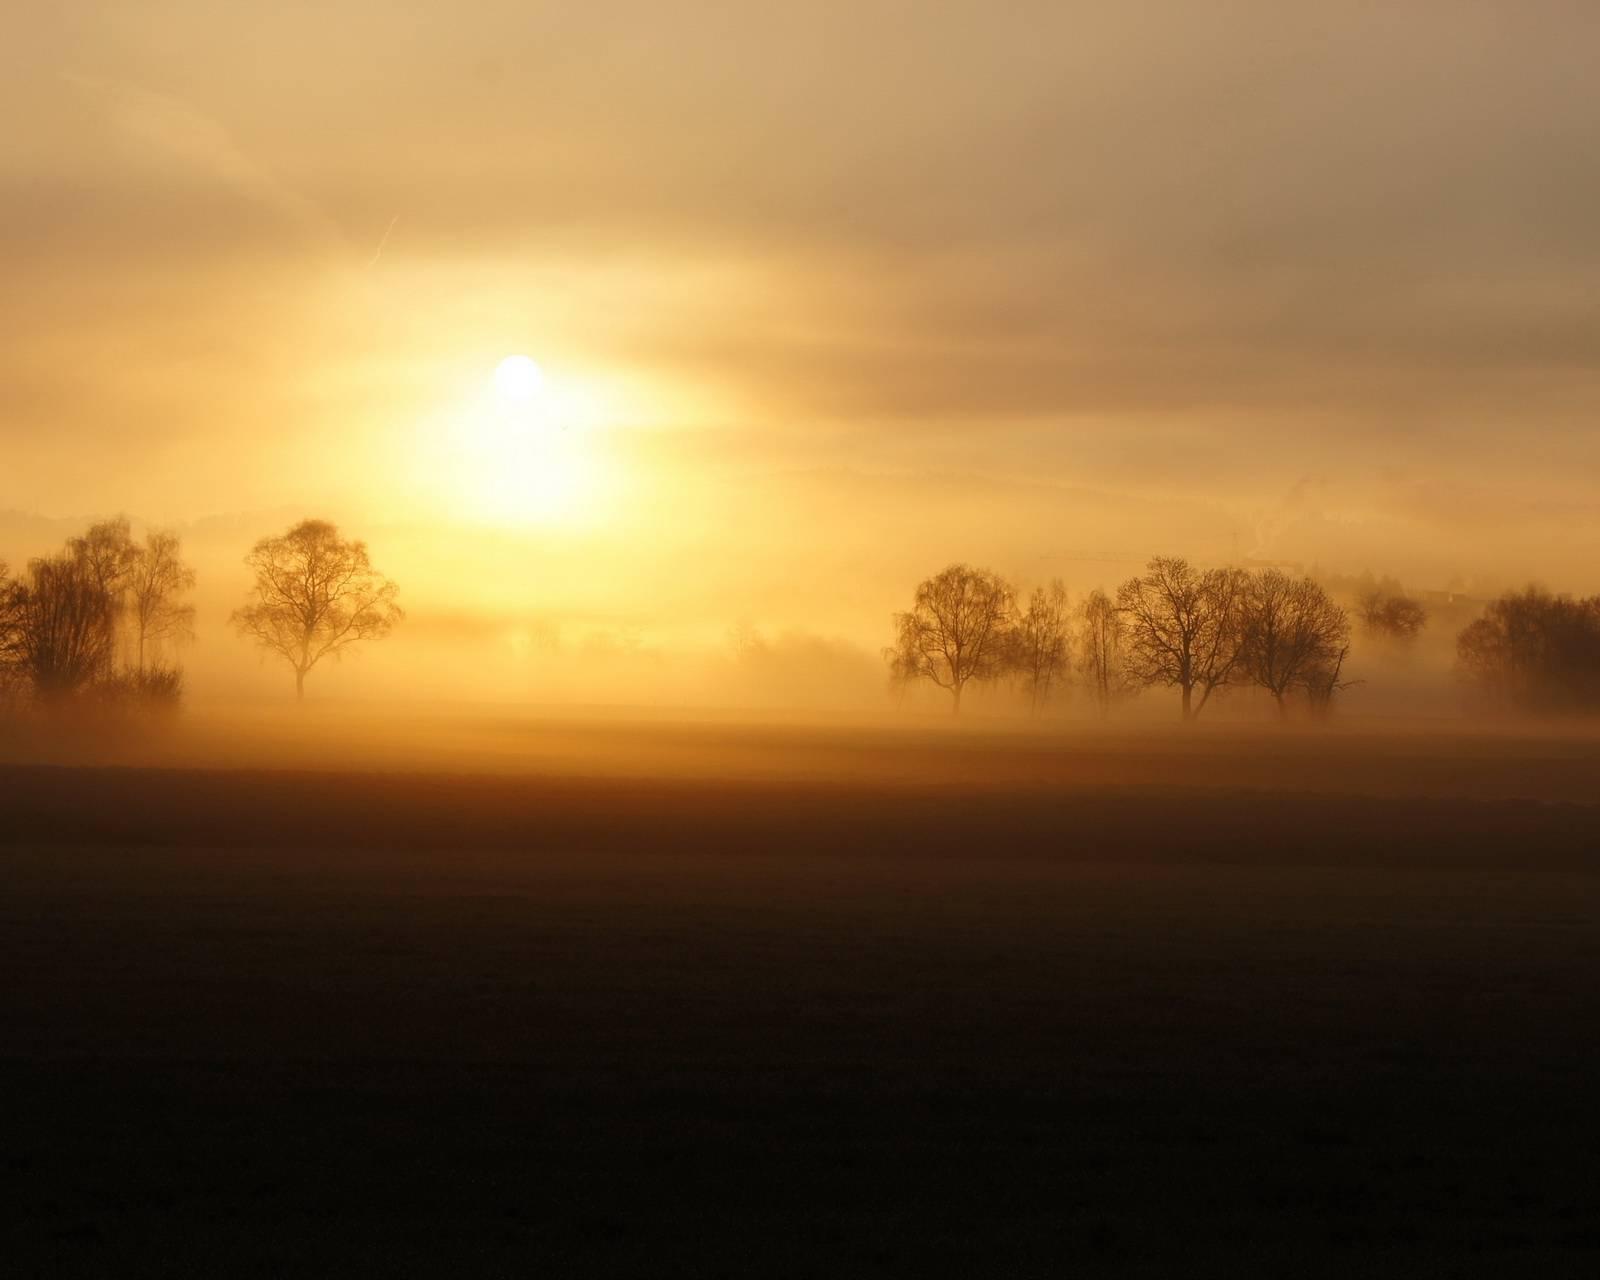 Sun Set Hd